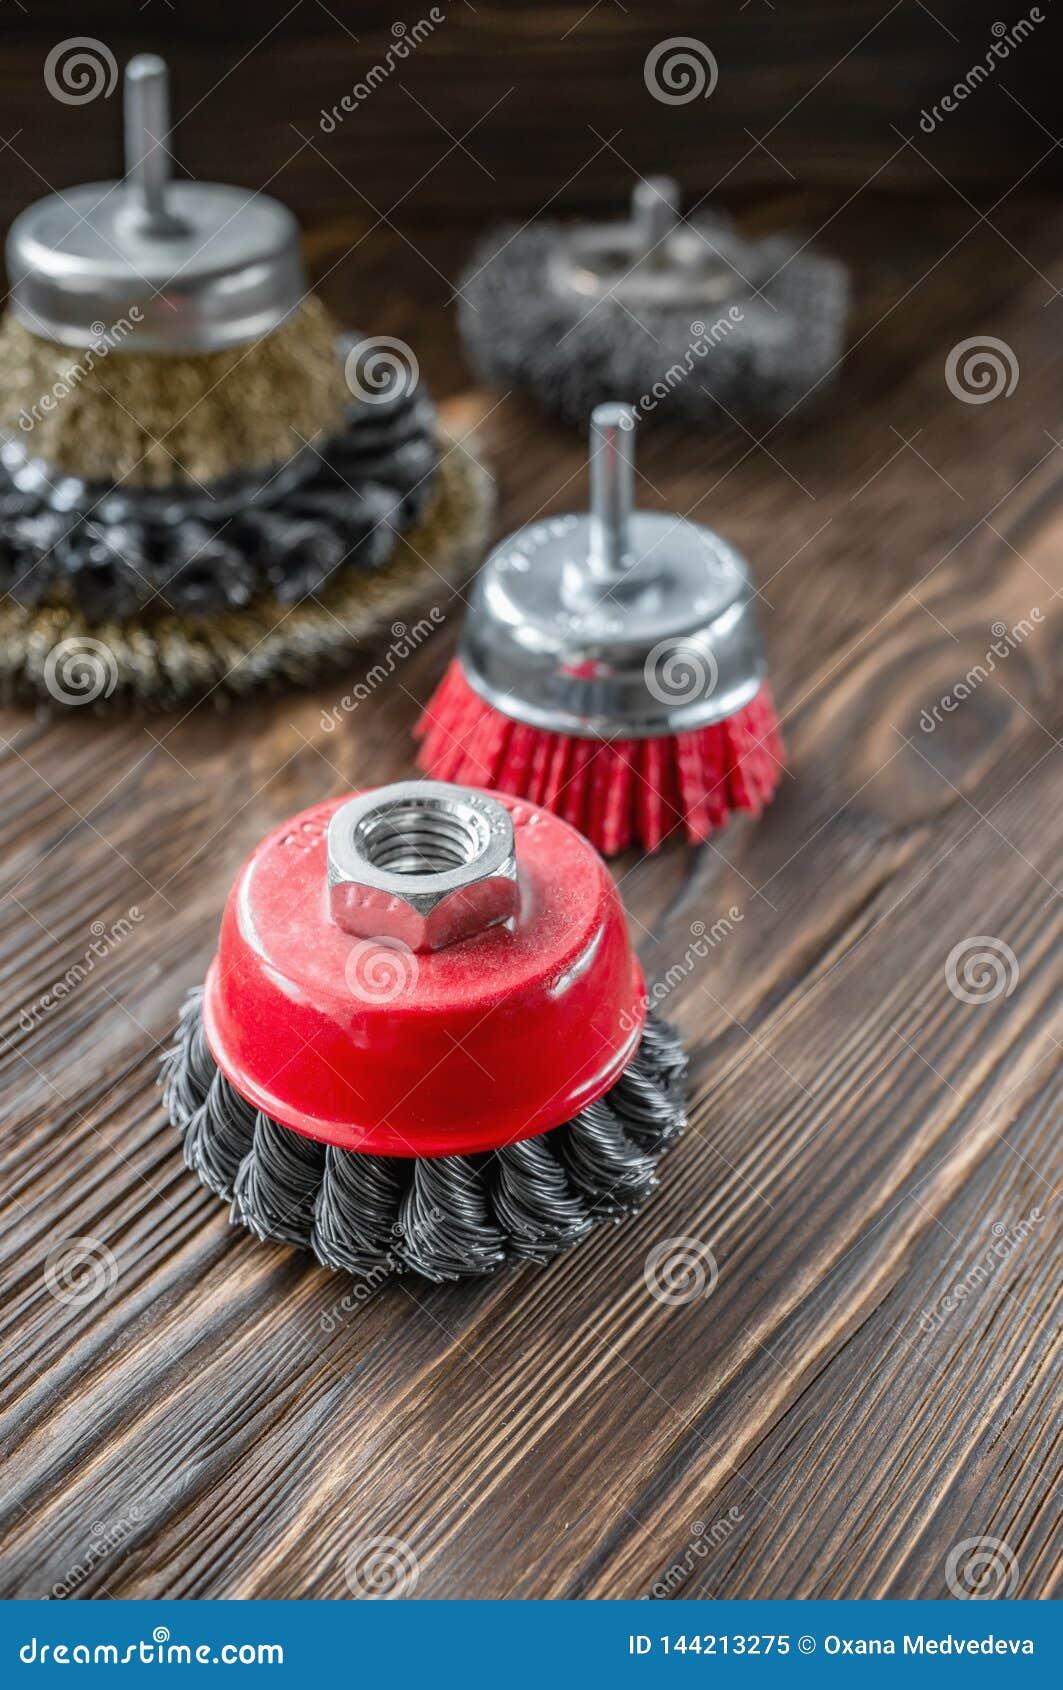 Ferramentas abrasivas para escovar a madeira e dar-lhe a textura Escovas de fio na madeira tratada Copie o espaço